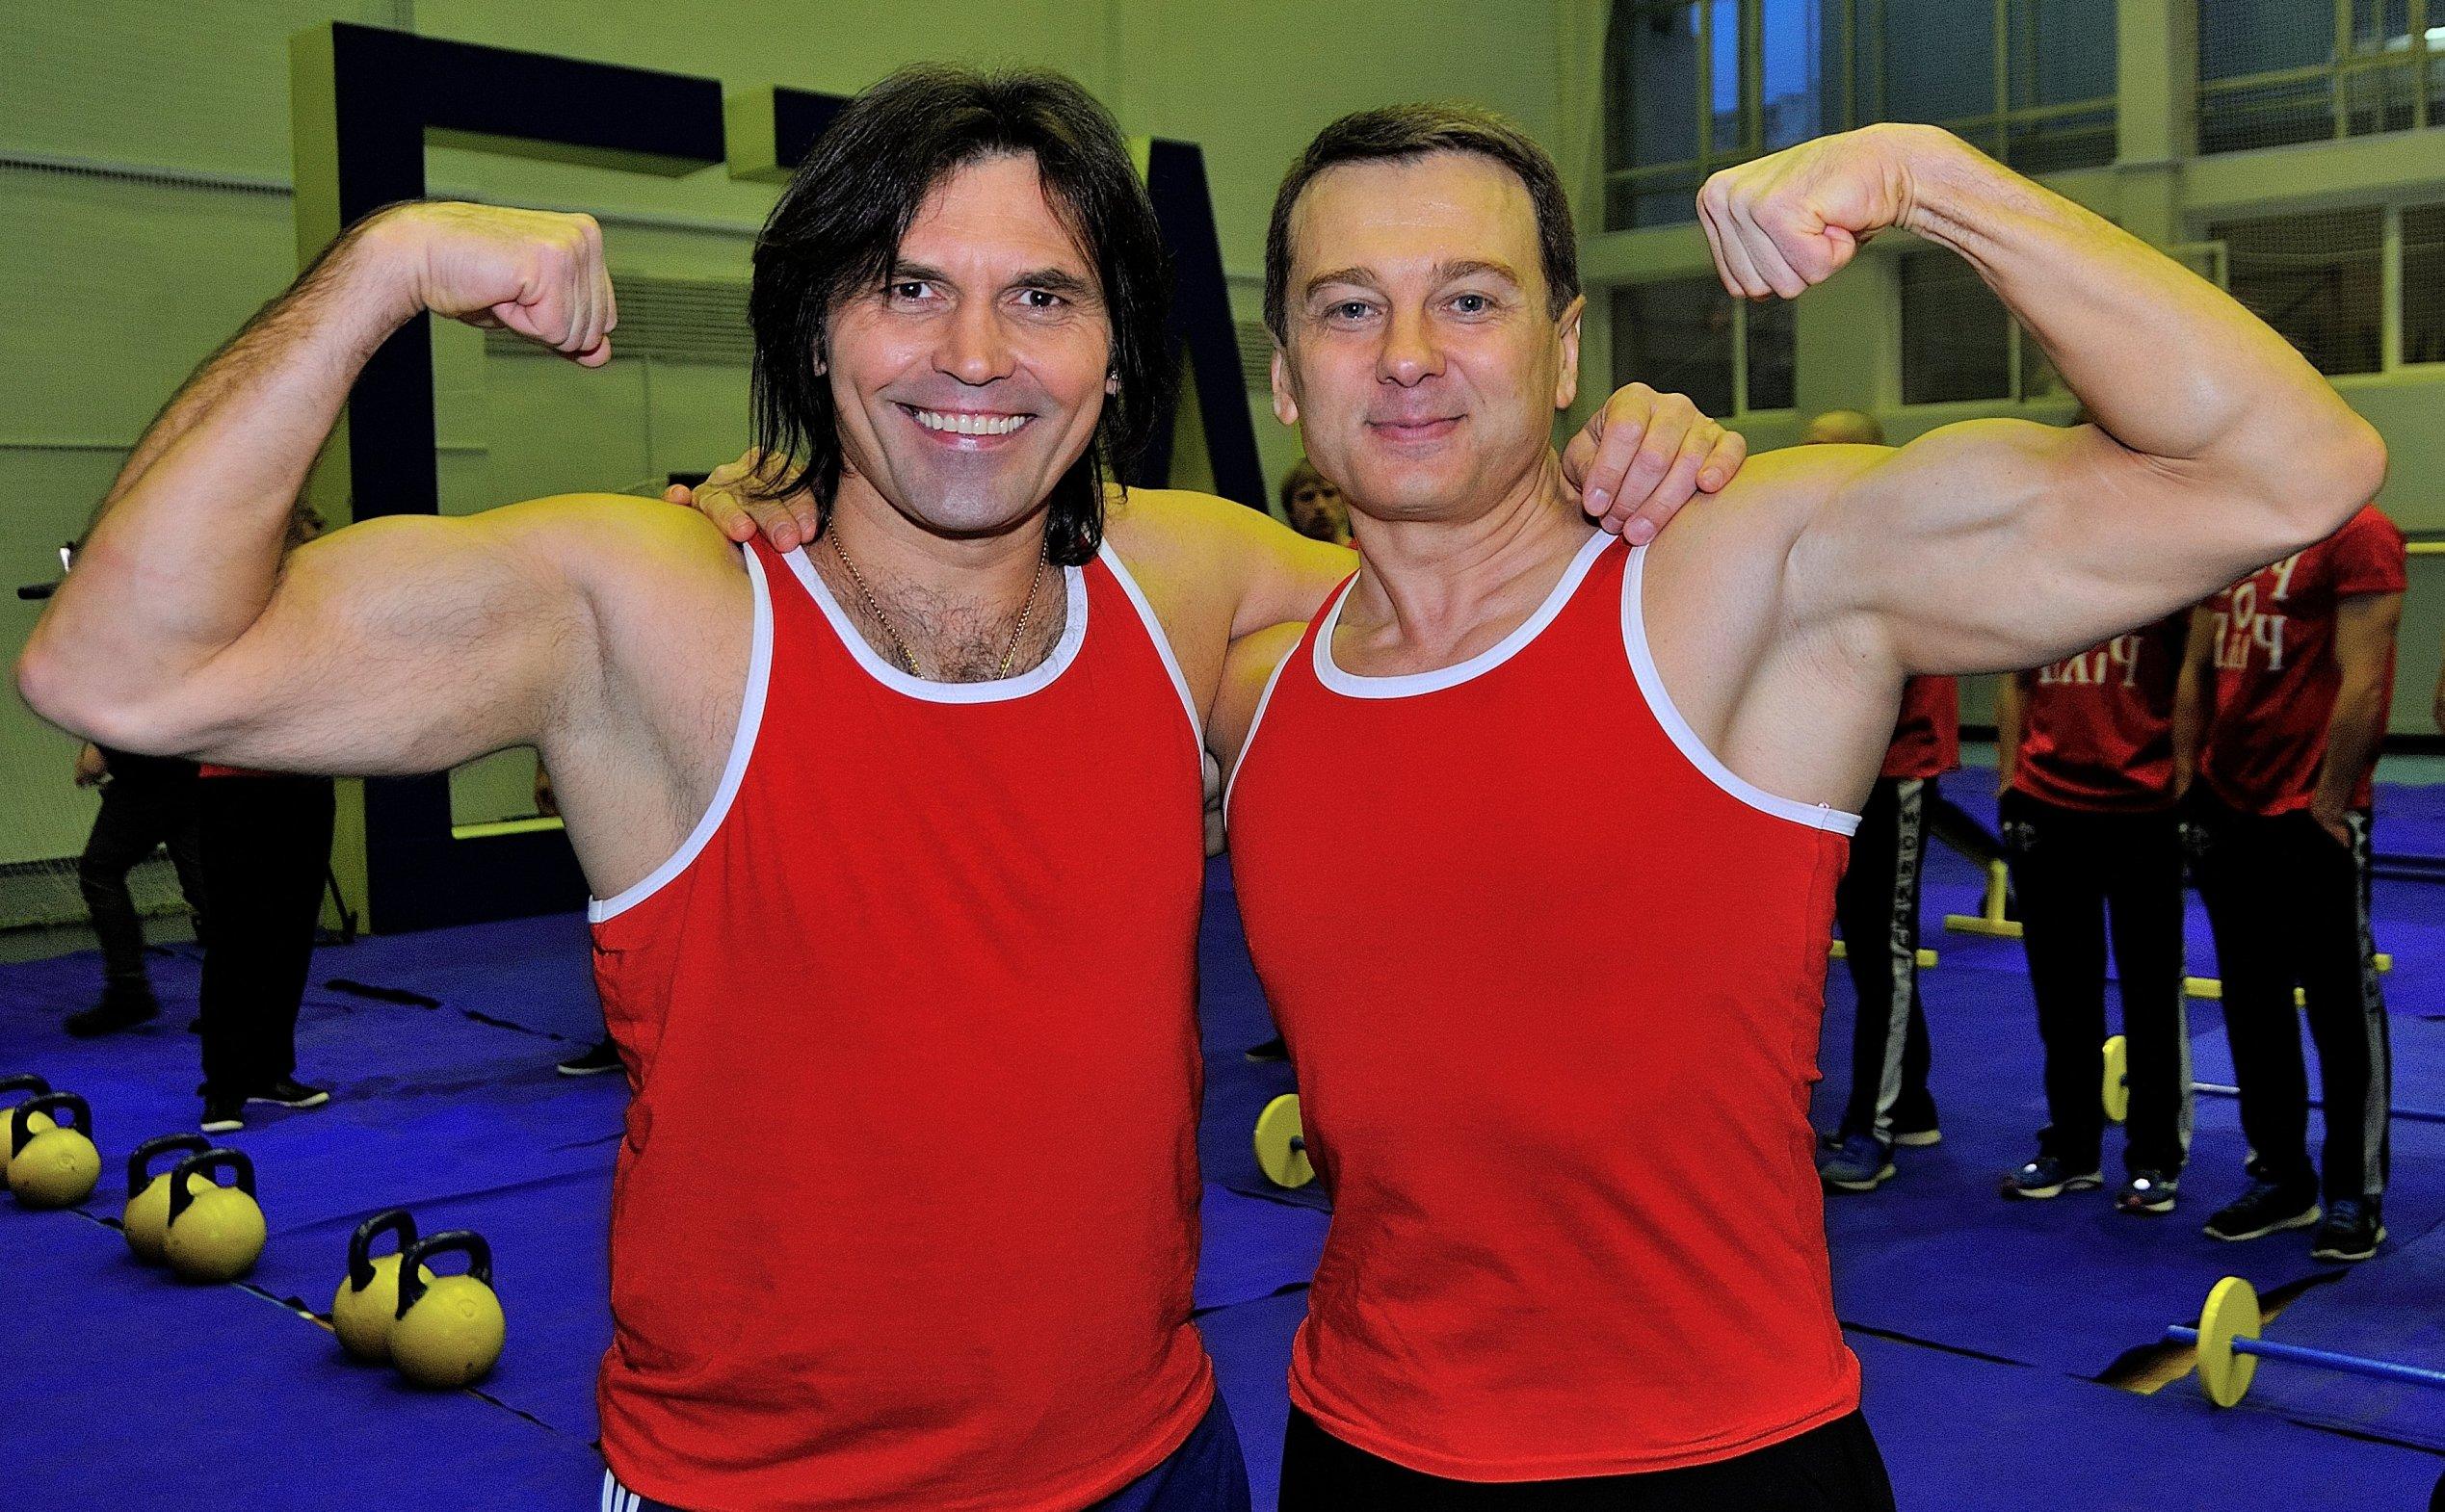 Тимофей Нагорный провел спортивный турнир со звездами